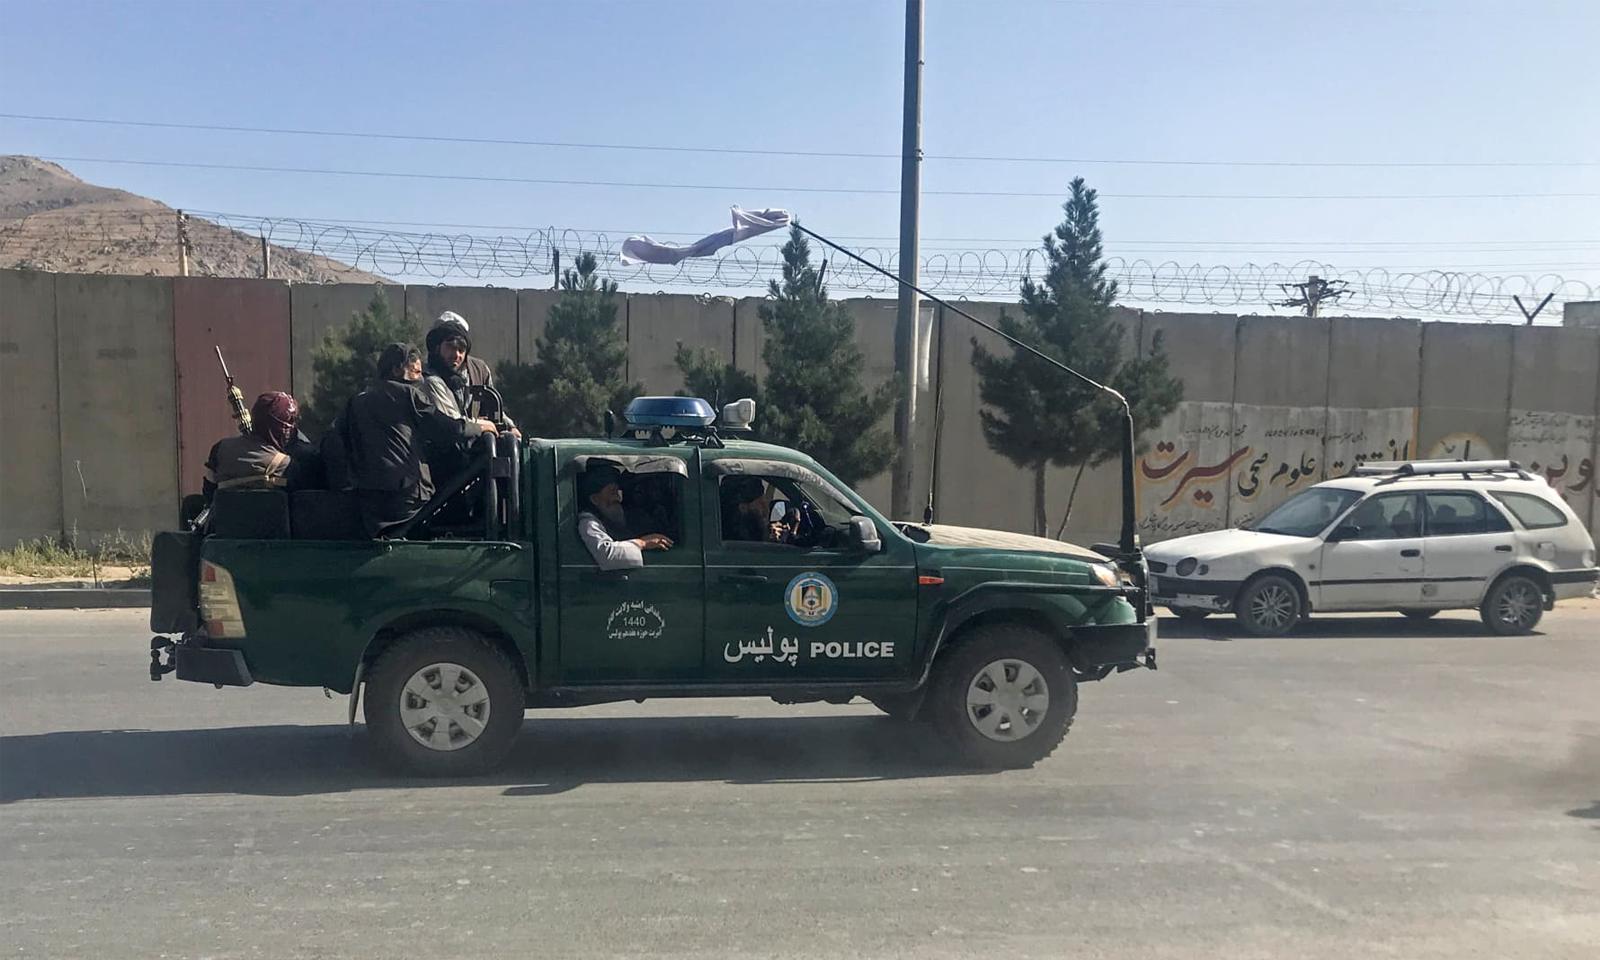 طالبان گزشتہ روز دارالحکومت کابل میں داخل ہوئے تھے— فوٹو: رائٹرز